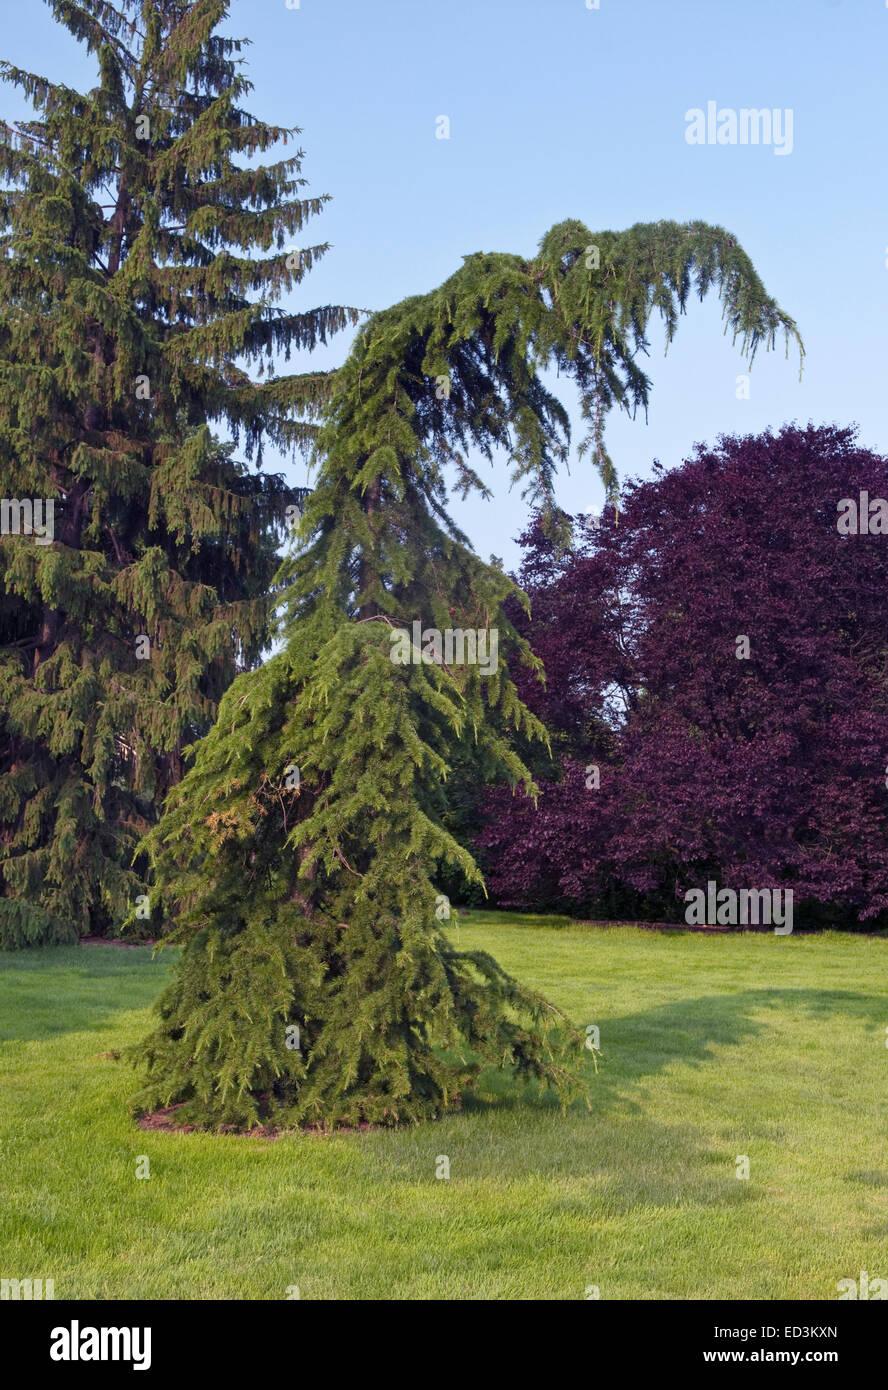 """Árbol de cedro del Líbano - Cedrus libani """"Beacon Hill"""" Imagen De Stock"""